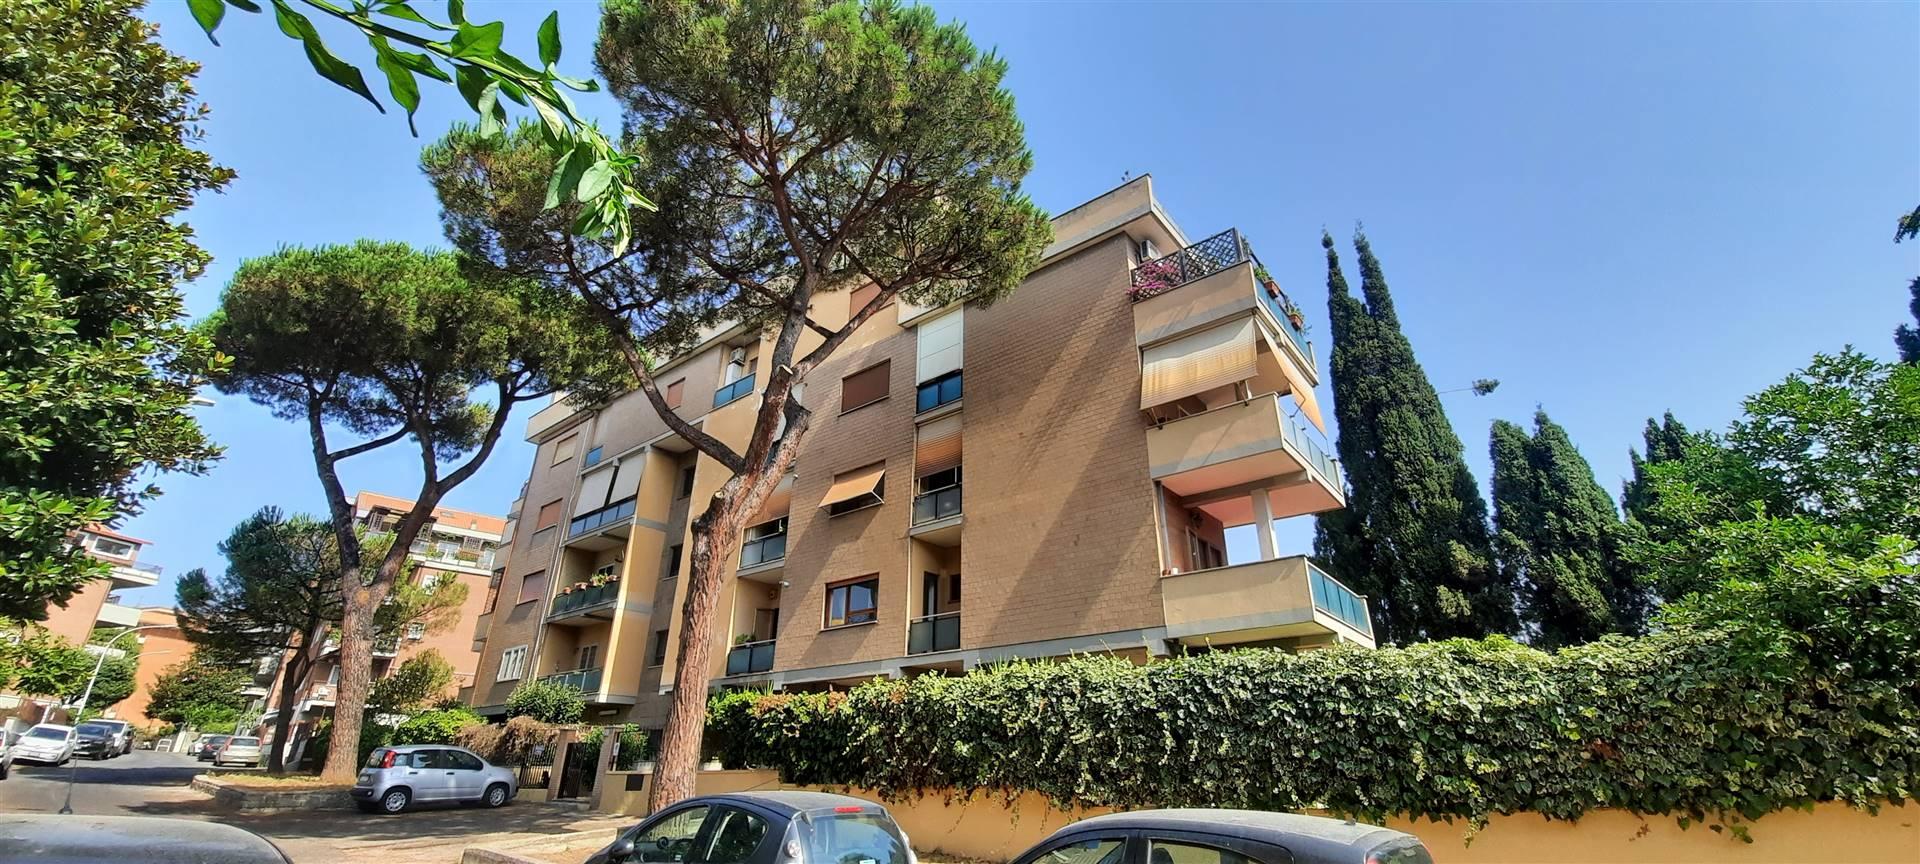 ROMA, UBALDI, precisamente in Via Enrico Besta, zona tranquilla e residenziale a 300 mt dal capolinea dell'ATAC di Cornelia e 500 mt dalla Metropolitana, a pochi minuti da tutte le attività